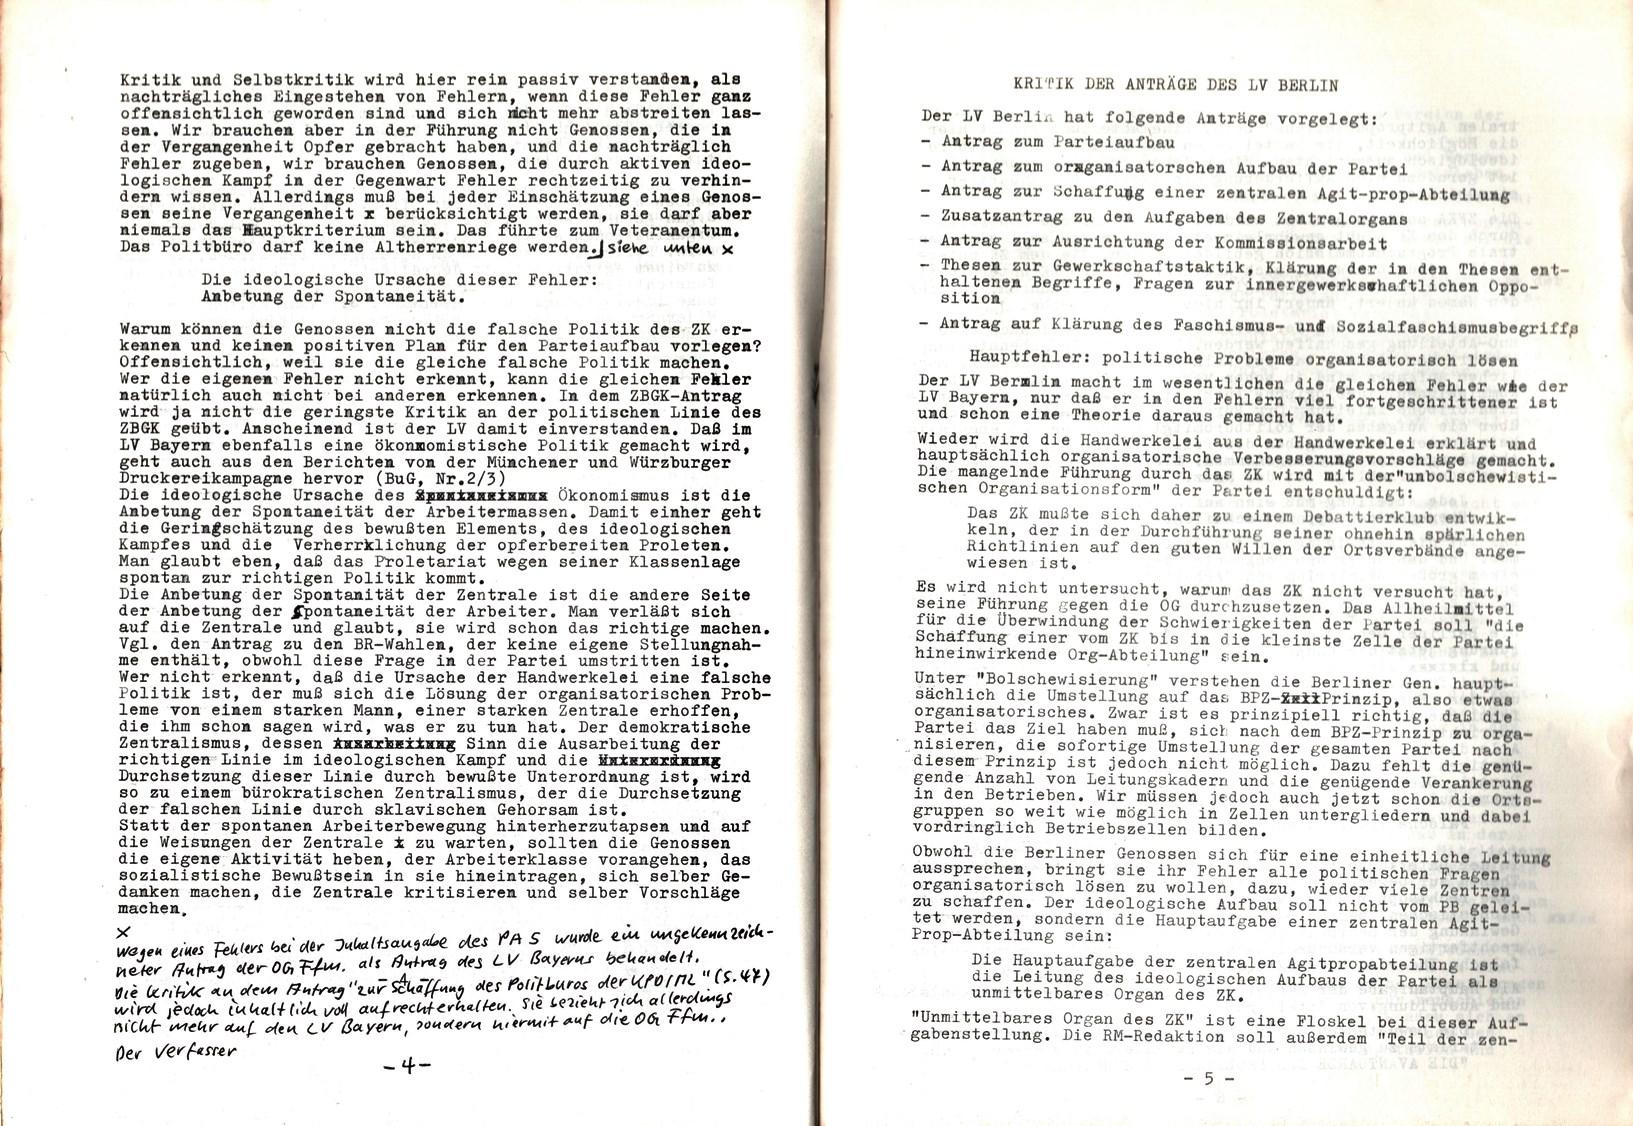 KPDML_1971_Analysen_und_Antraege_des_LV_Sued_West_052